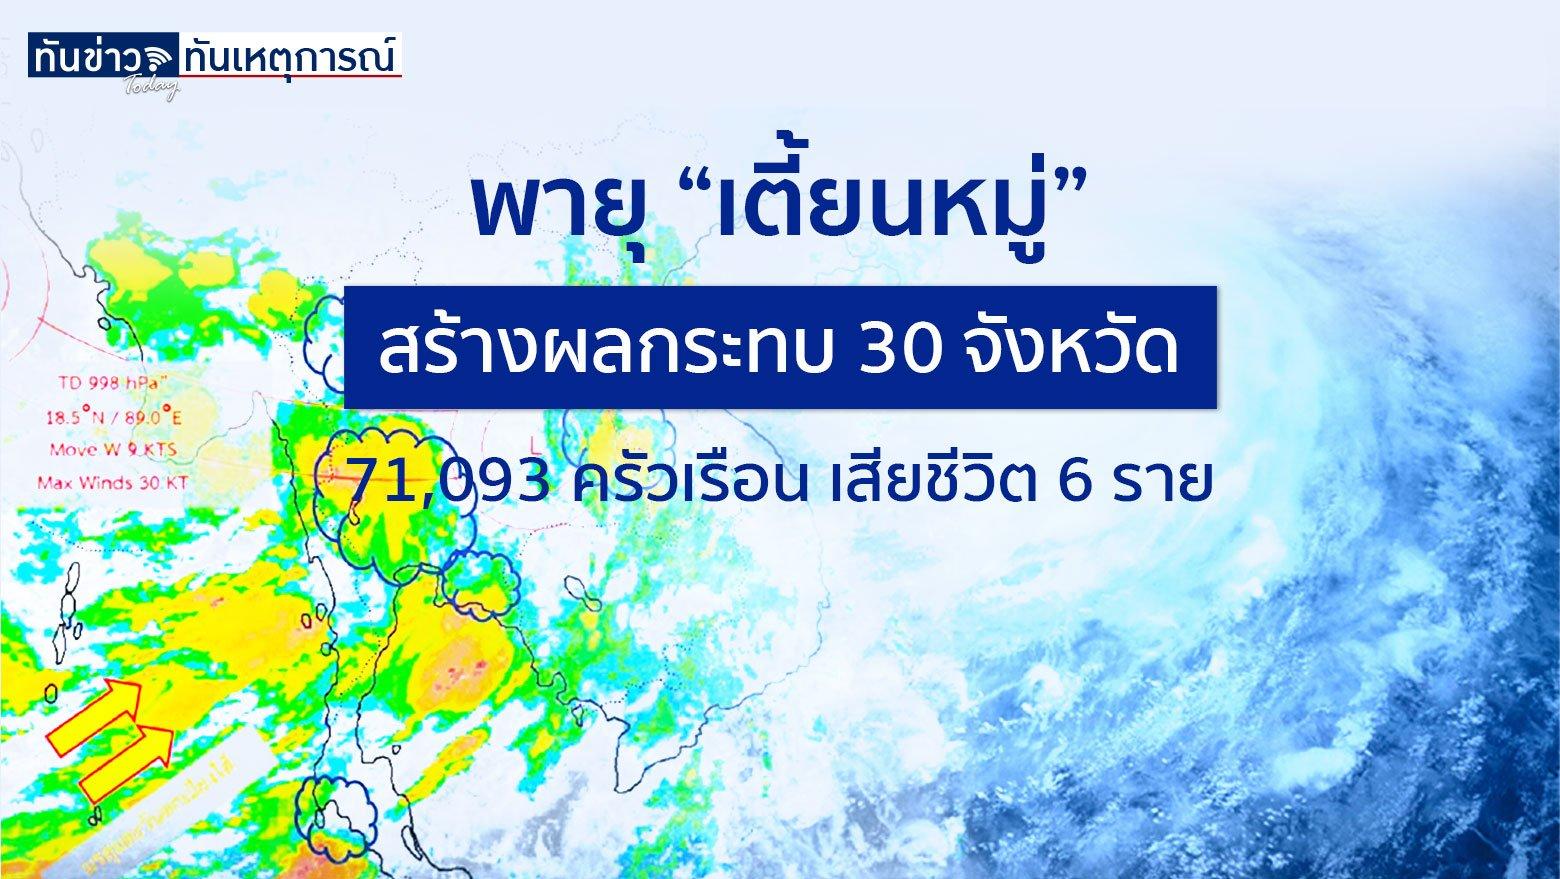 """GISTDA เผยผลกระทบพายุ """"เตี้ยนหมู่"""" น้ำท่วมแล้วเกือบ 6 แสนไร่ ขณะที่ ปภ. เผยน้ำท่วม 30 จังหวัด กระทบประชาชน 71,093 ครัวเรือน มีผู้เสียชีวิต 6 ราย"""